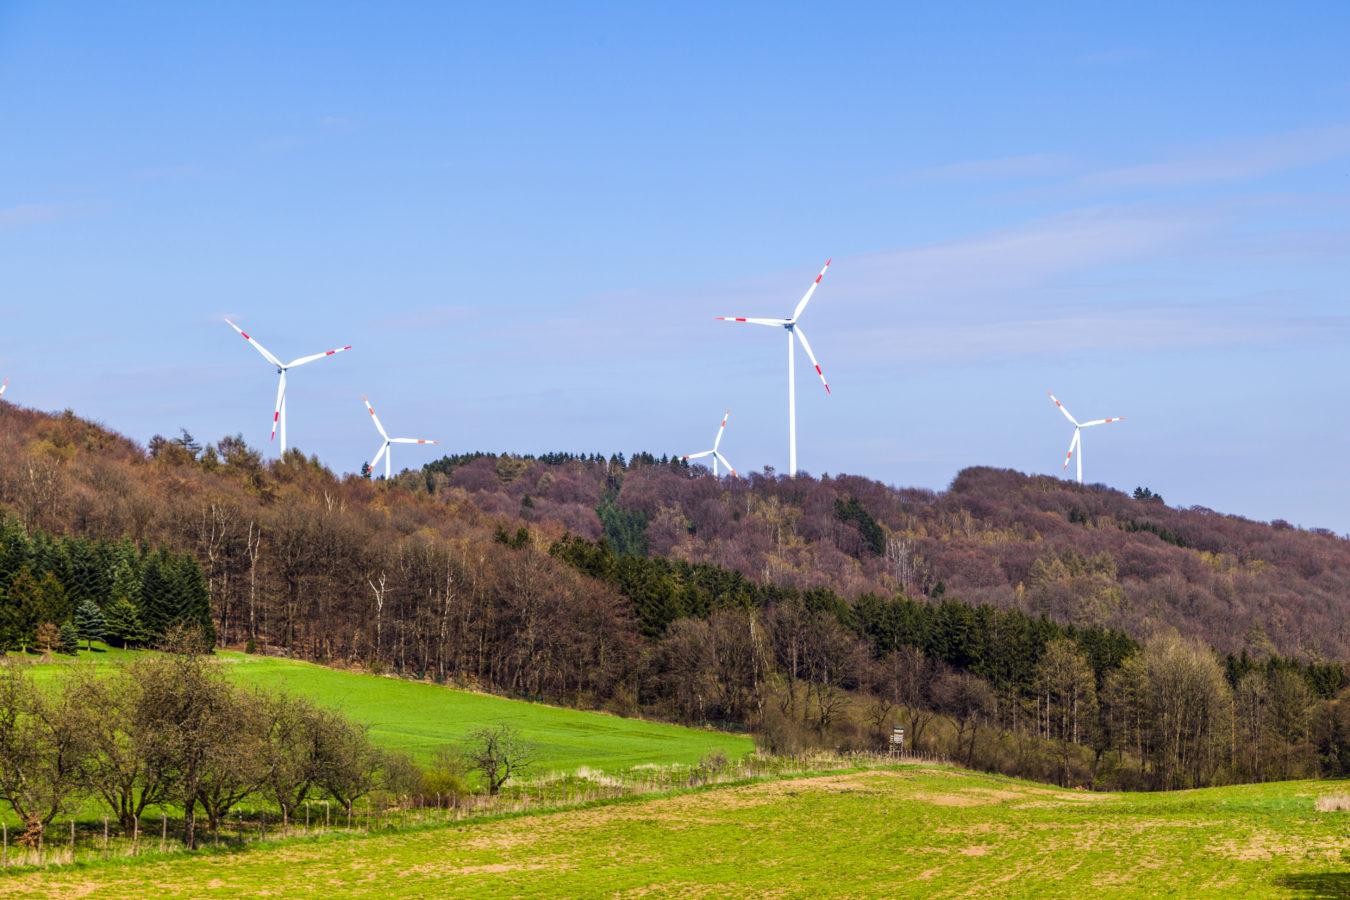 Construire des éoliennes en forêt est possible